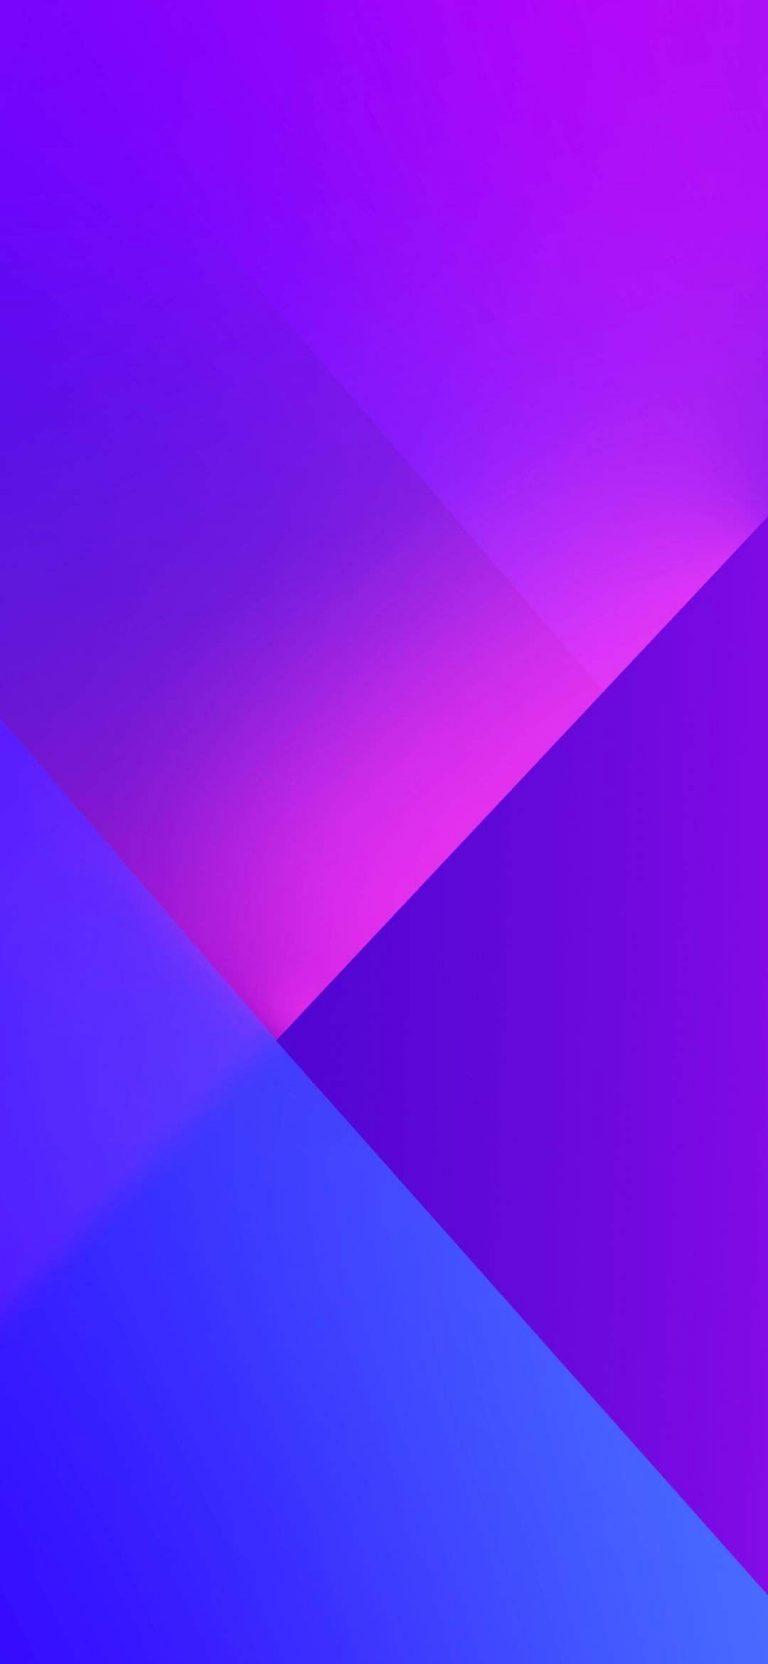 Vivo U20 Stock Wallpaper [1080x2340] - 01